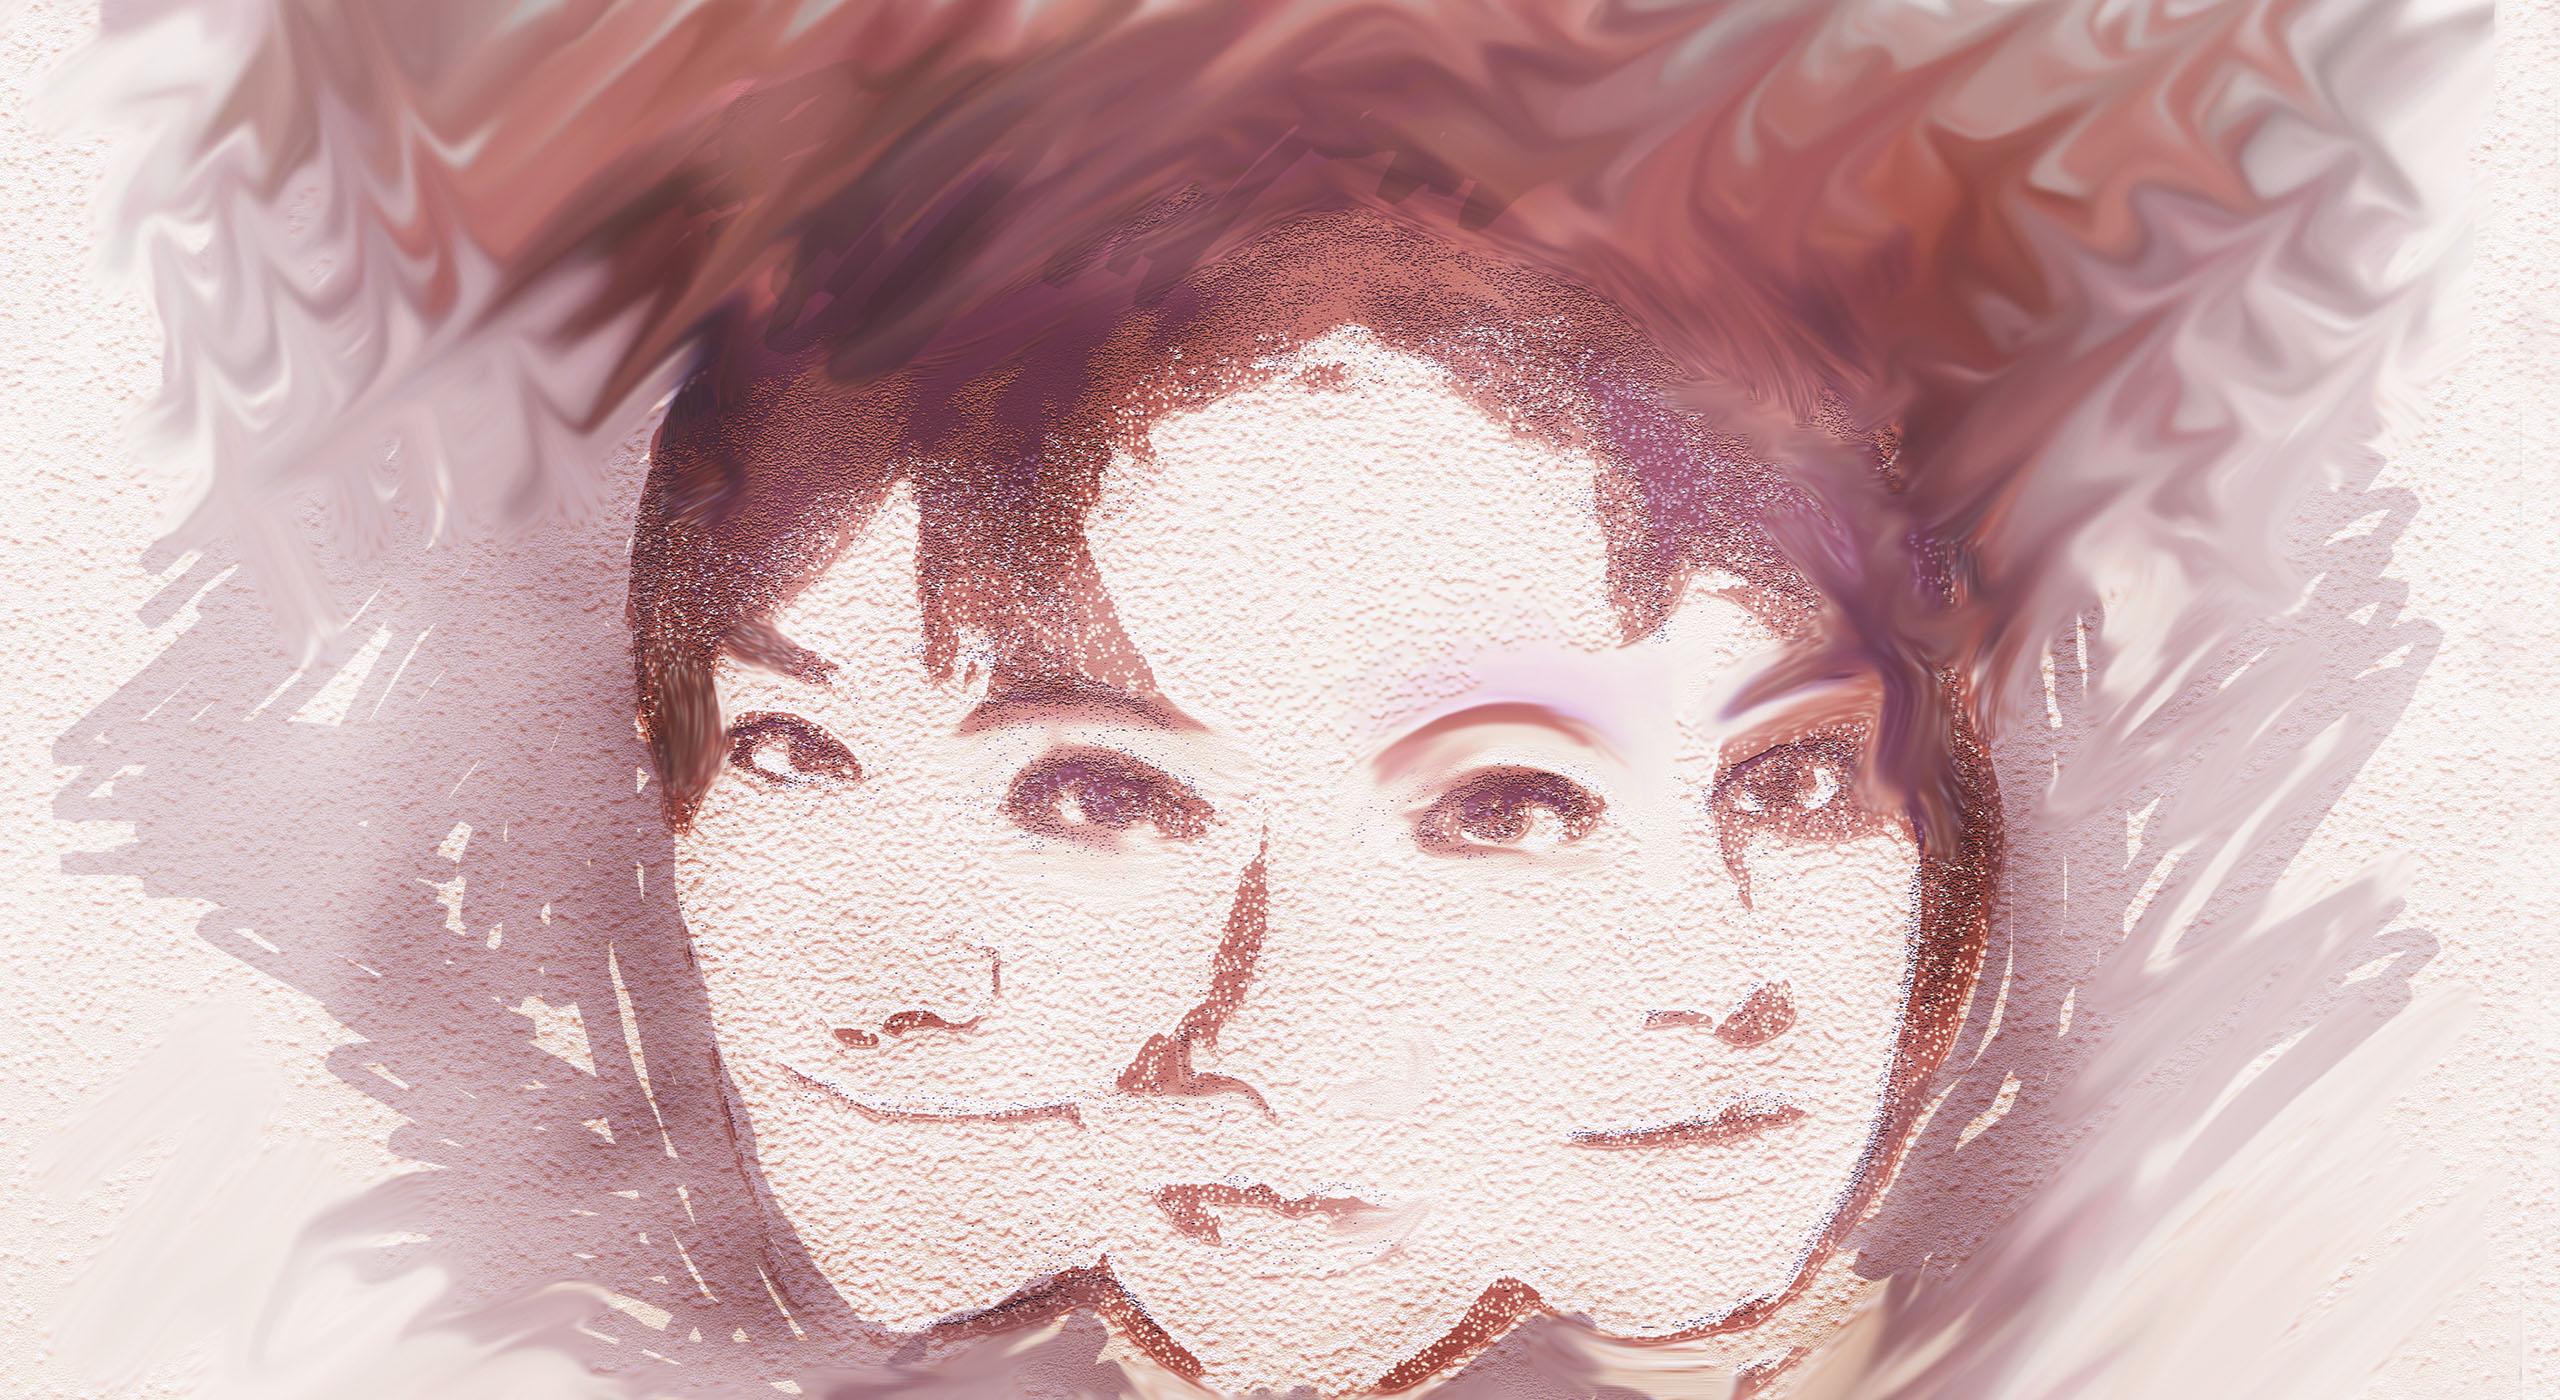 Totul despre femei – Artiştii pentru Artişti